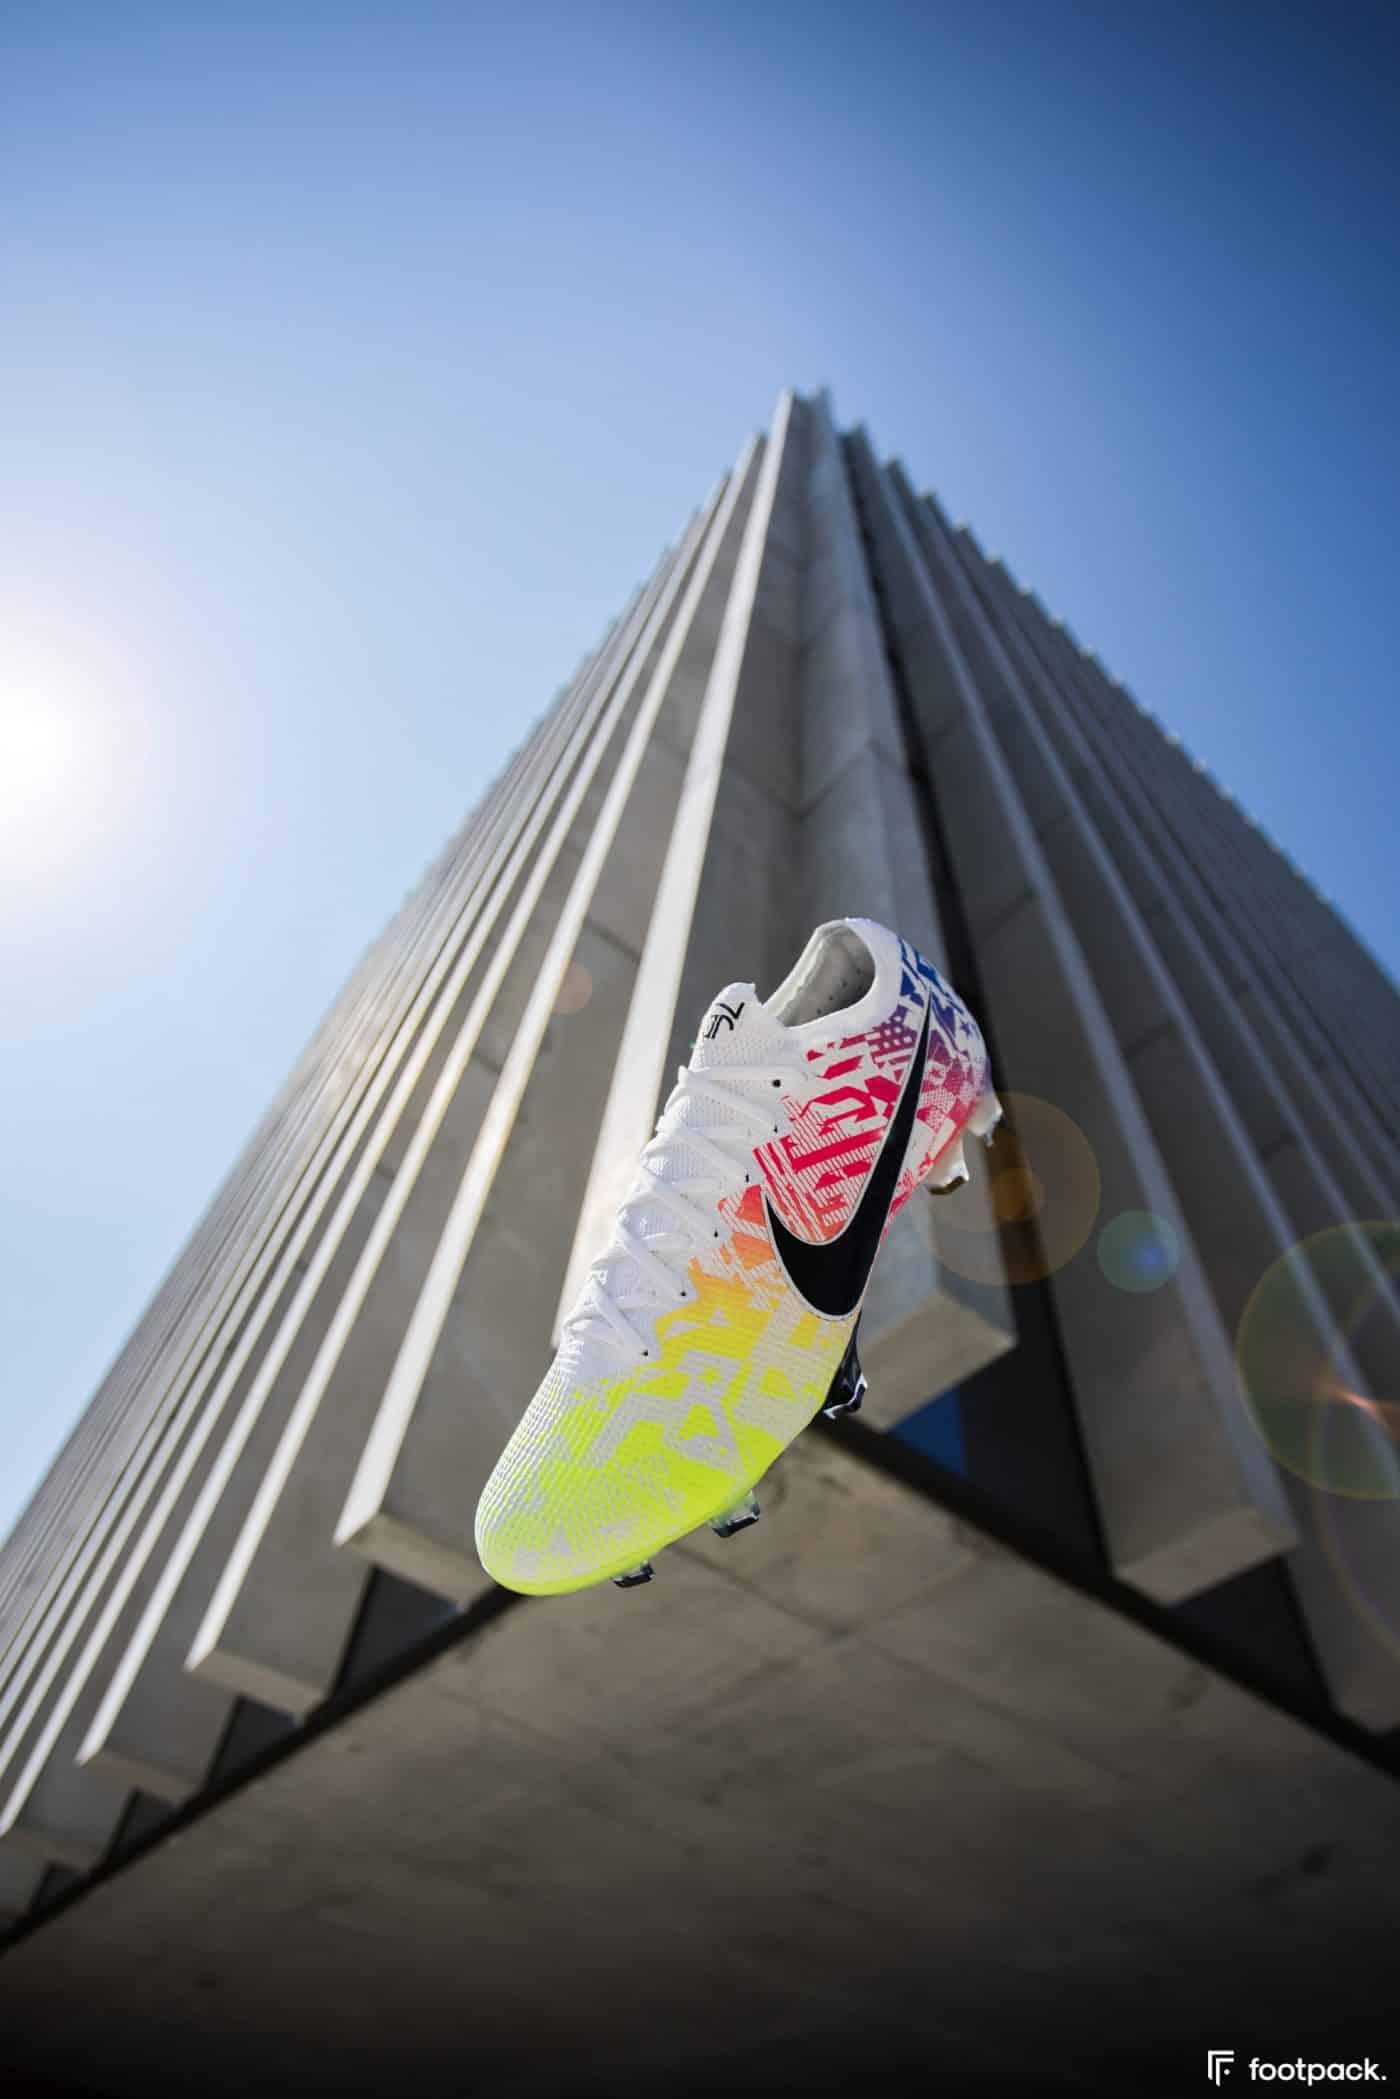 les-plus-belles-photos-de-crampons-2020-footpack-5